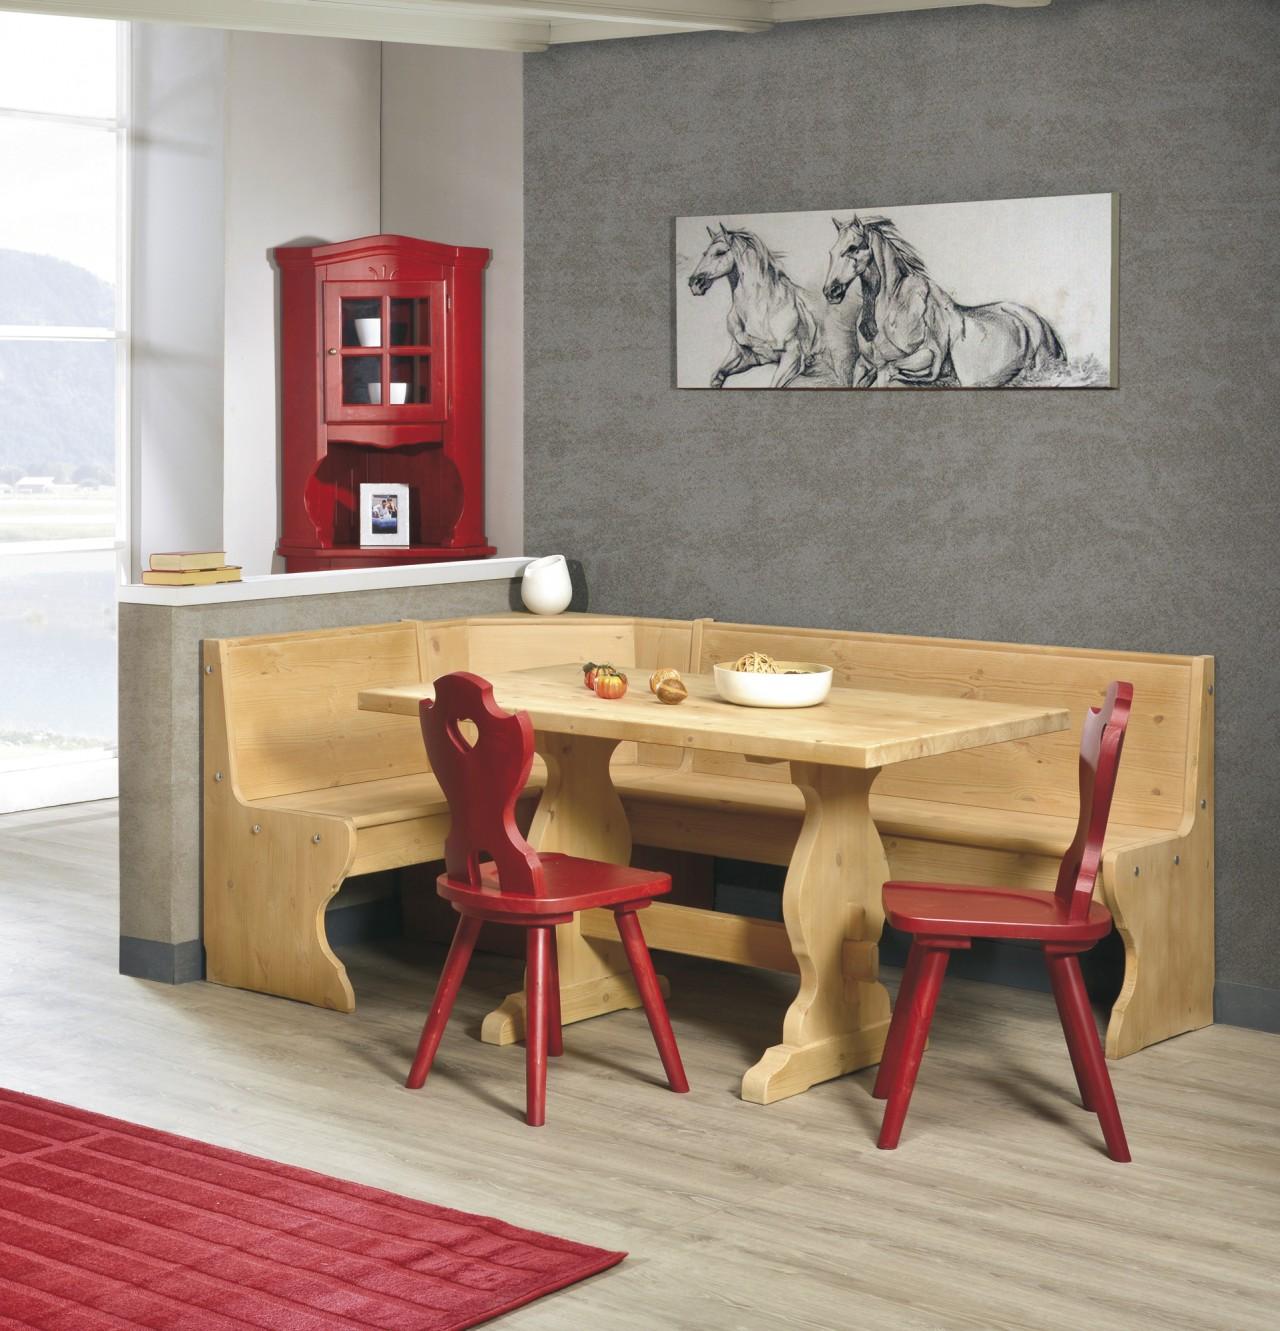 Tavoli in pino, angolo sala rustica, arredamenti rustici